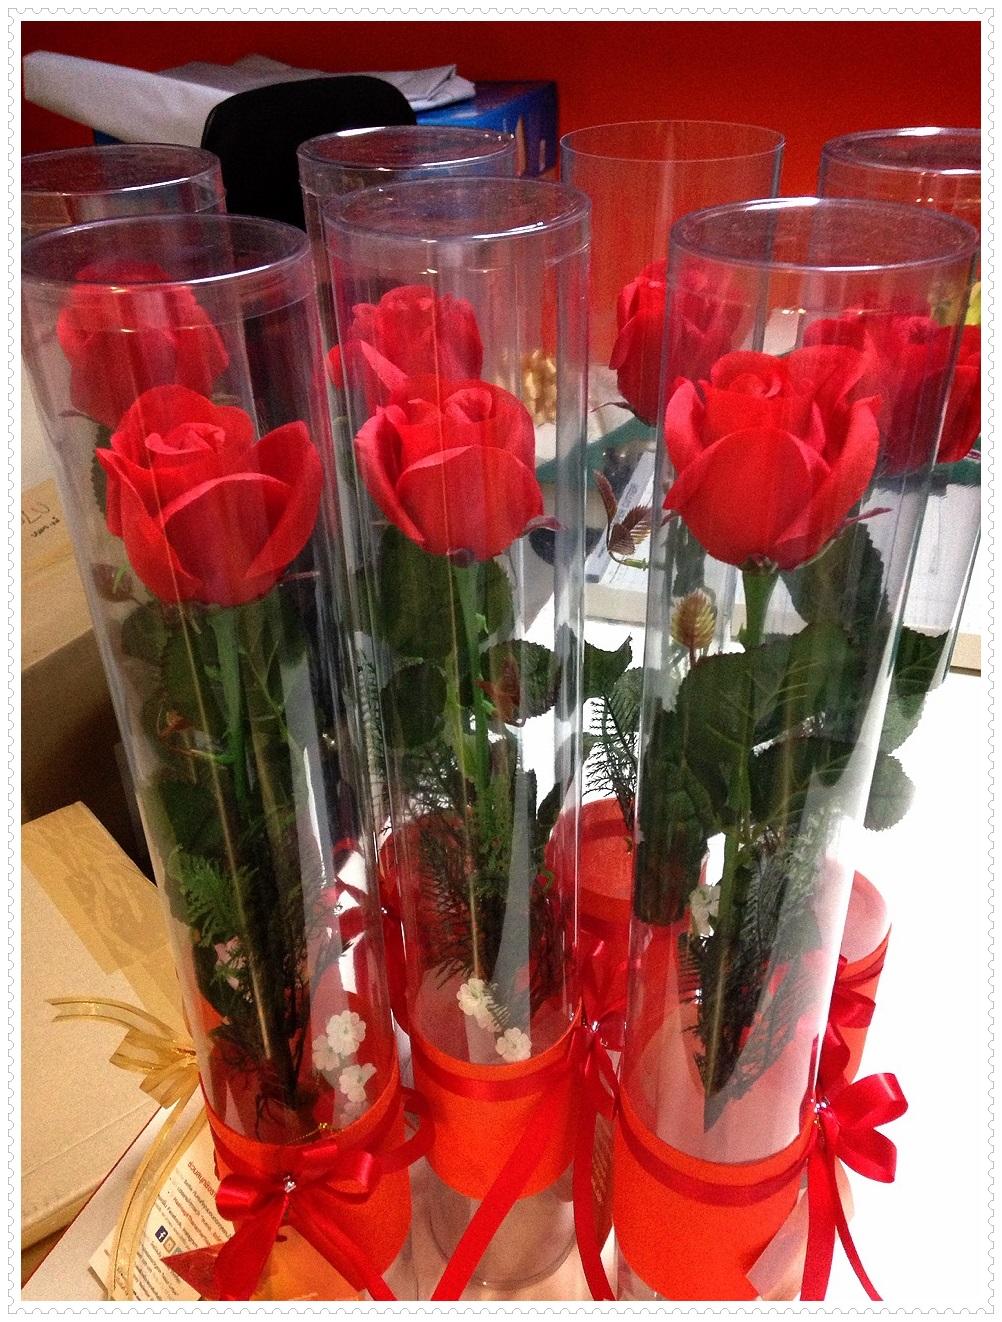 กล่องกลมใส่ดอกไม้ เส้นผ่าศูนย์กลาง 7.5 cm x 45 cm